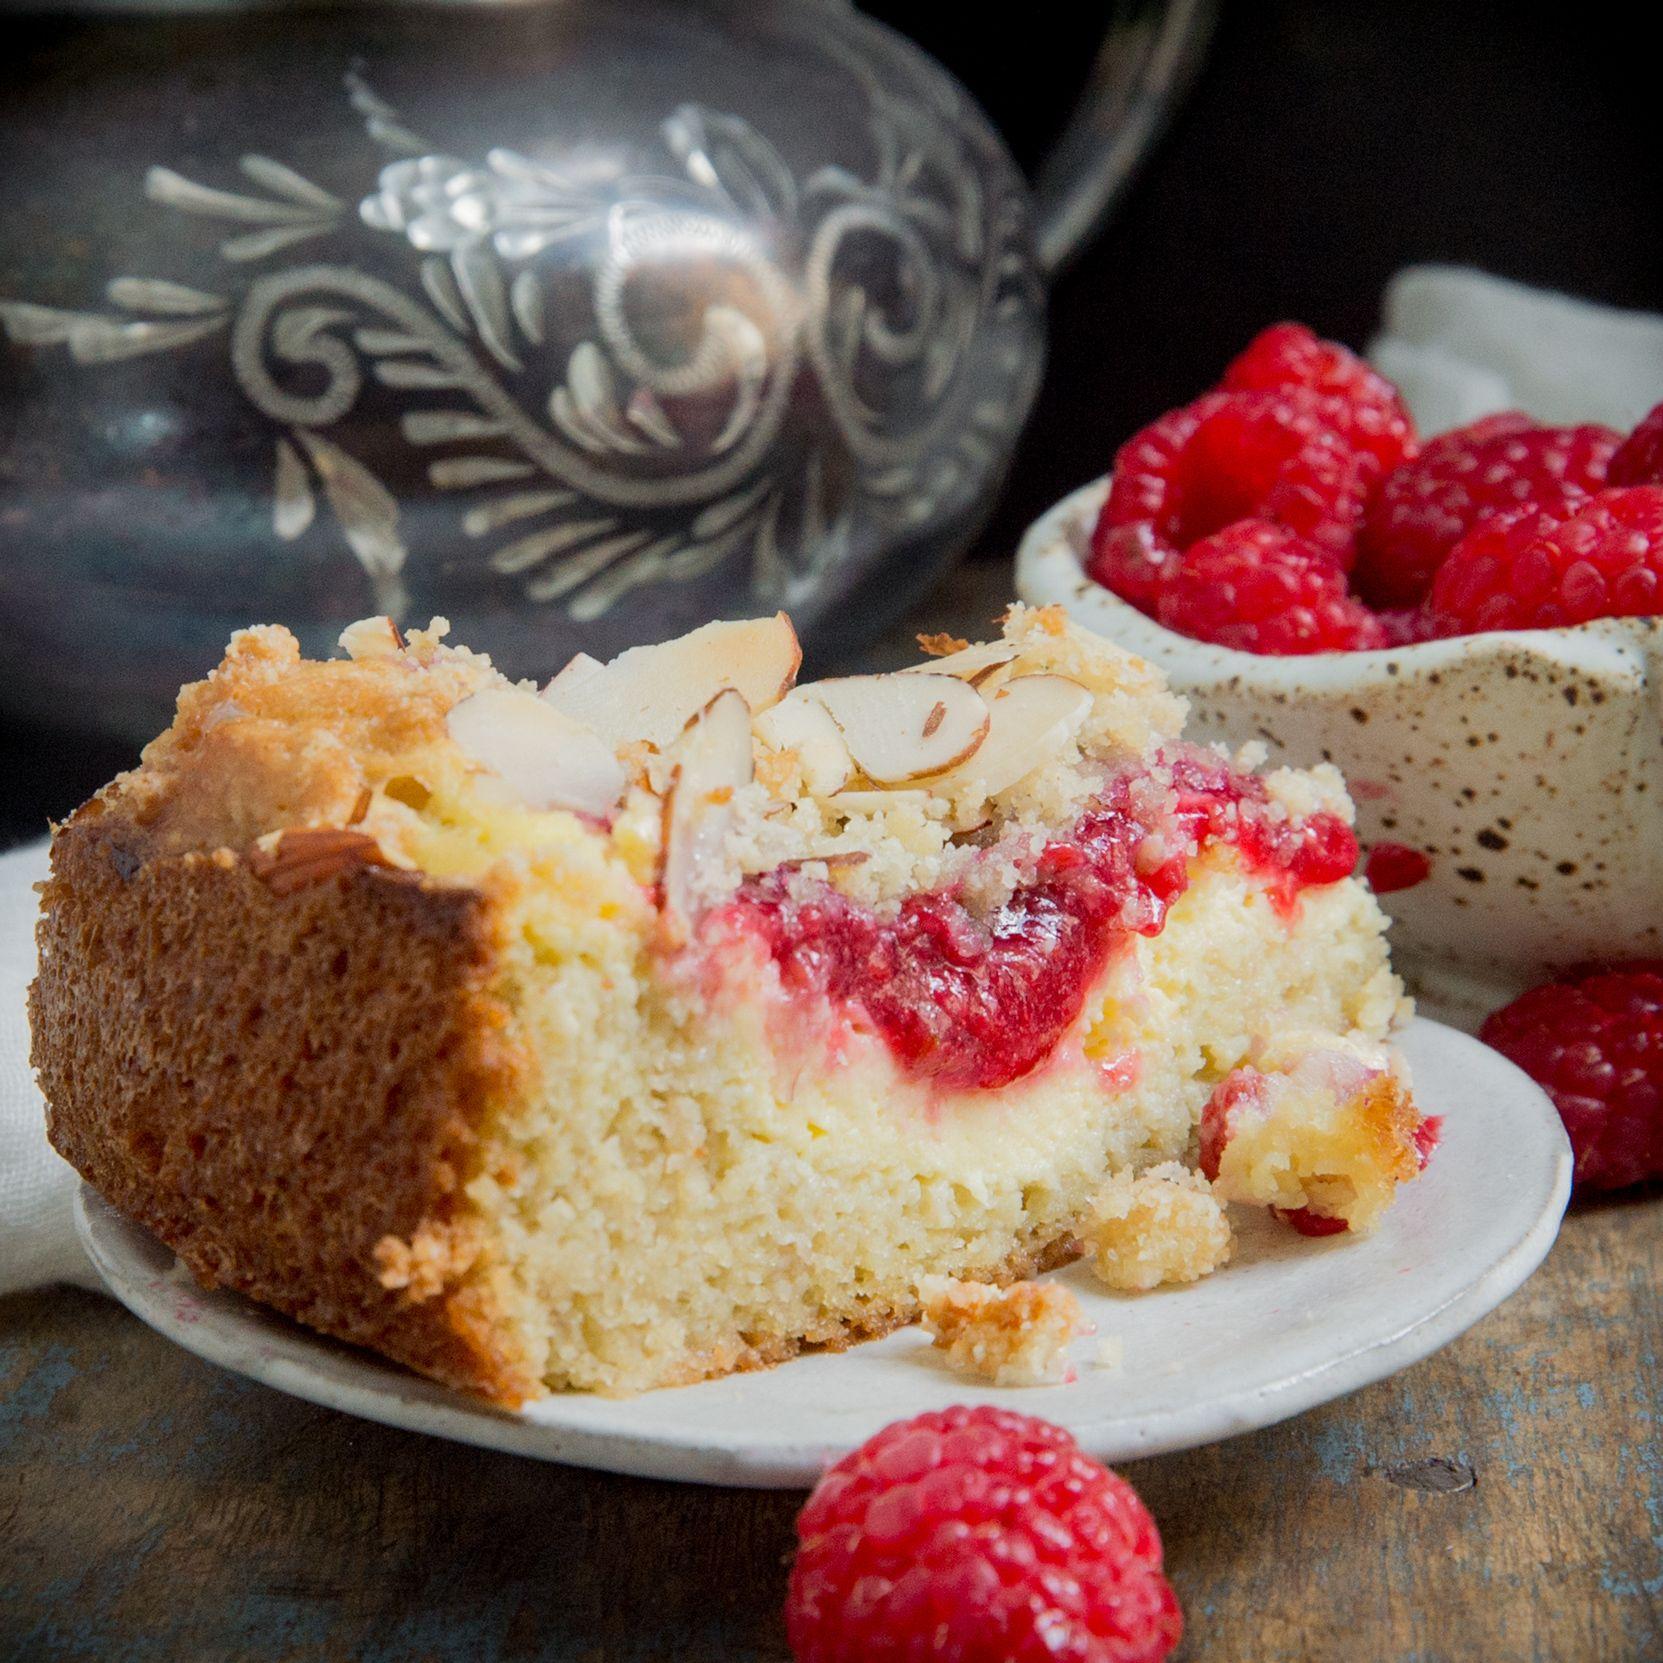 Keto Raspberry Cream Cheese Coffee Cake - Simply So Healthy in 2020 | Cream cheese coffee cake ...